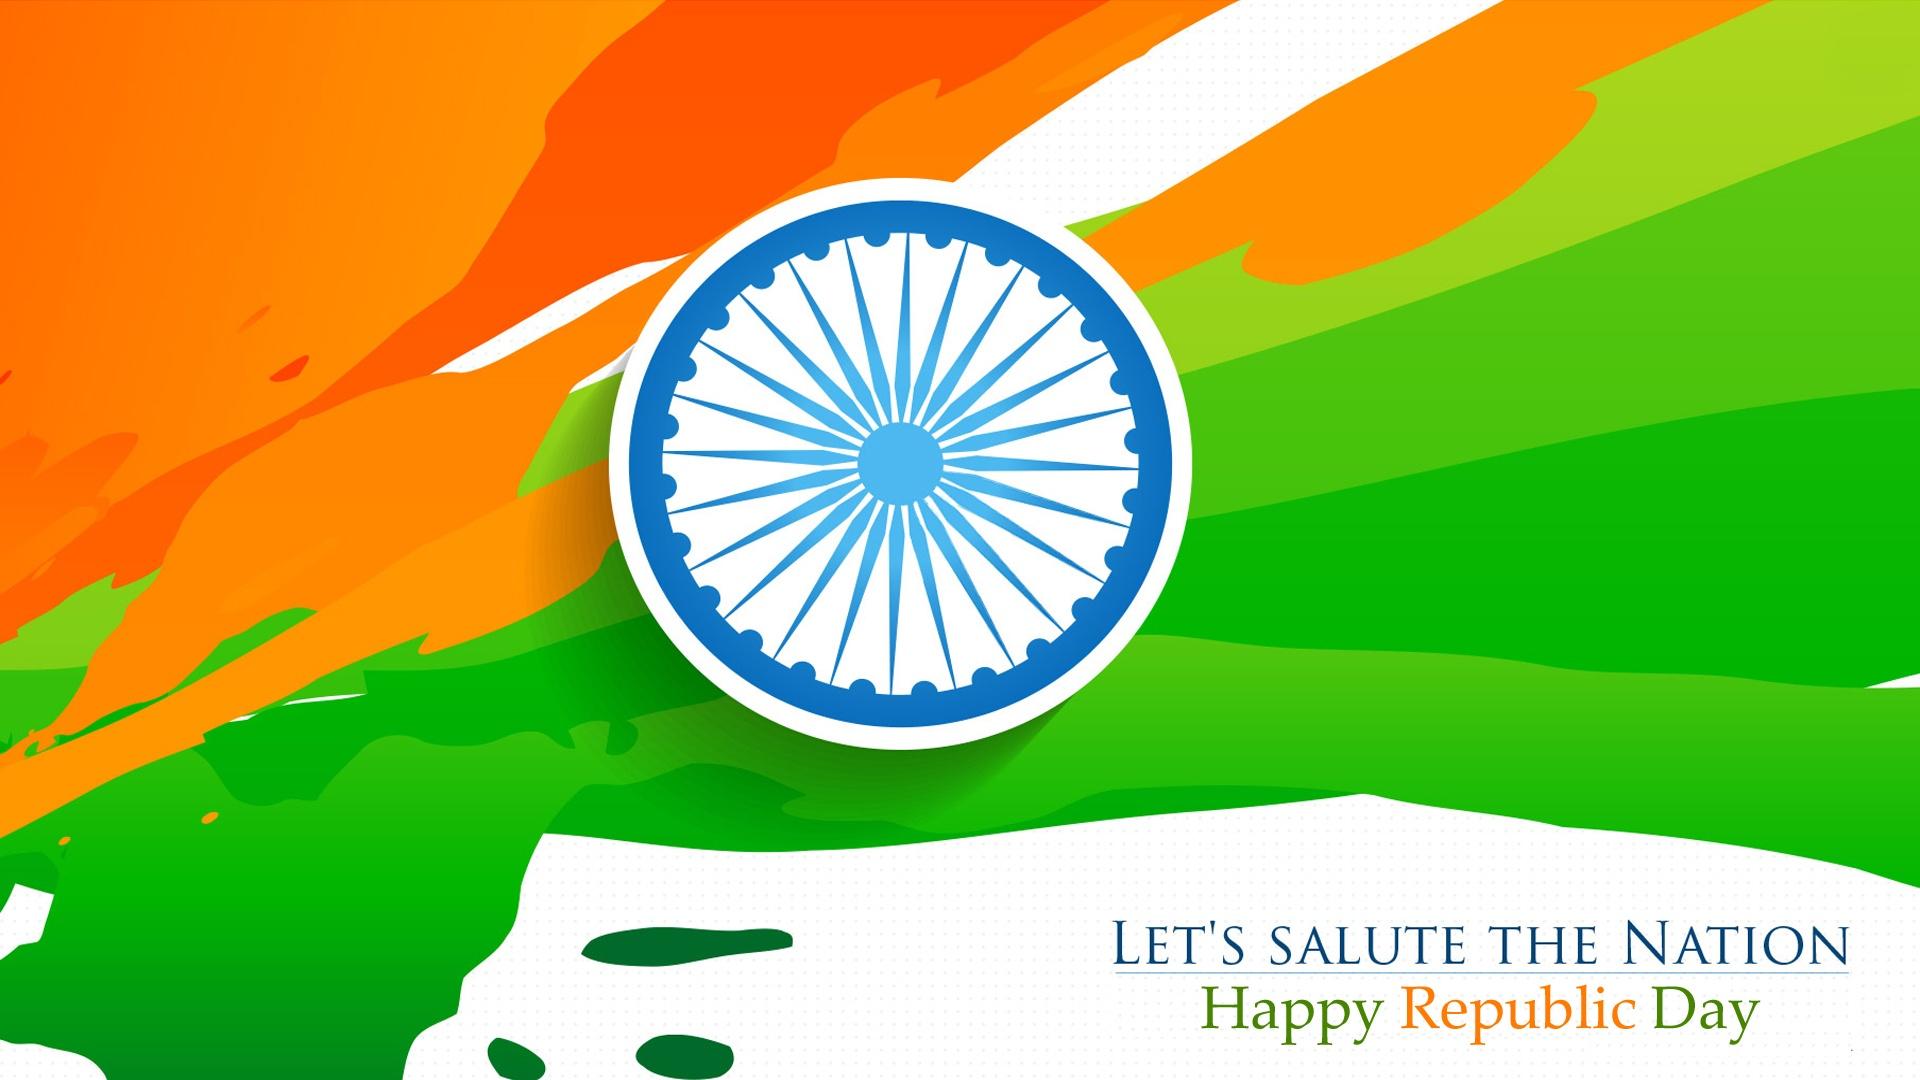 essay on indian national flag in english National flag essay in hindi   प्रस्तावना : प्रत्येक स्वतंत्र राष्ट्र का अपना एक ध्वज होता है। यह एक स्वतंत्र देश होने का संकेत है। भारतीय राष्ट्रीय ध्वज की अभिकल्पना.